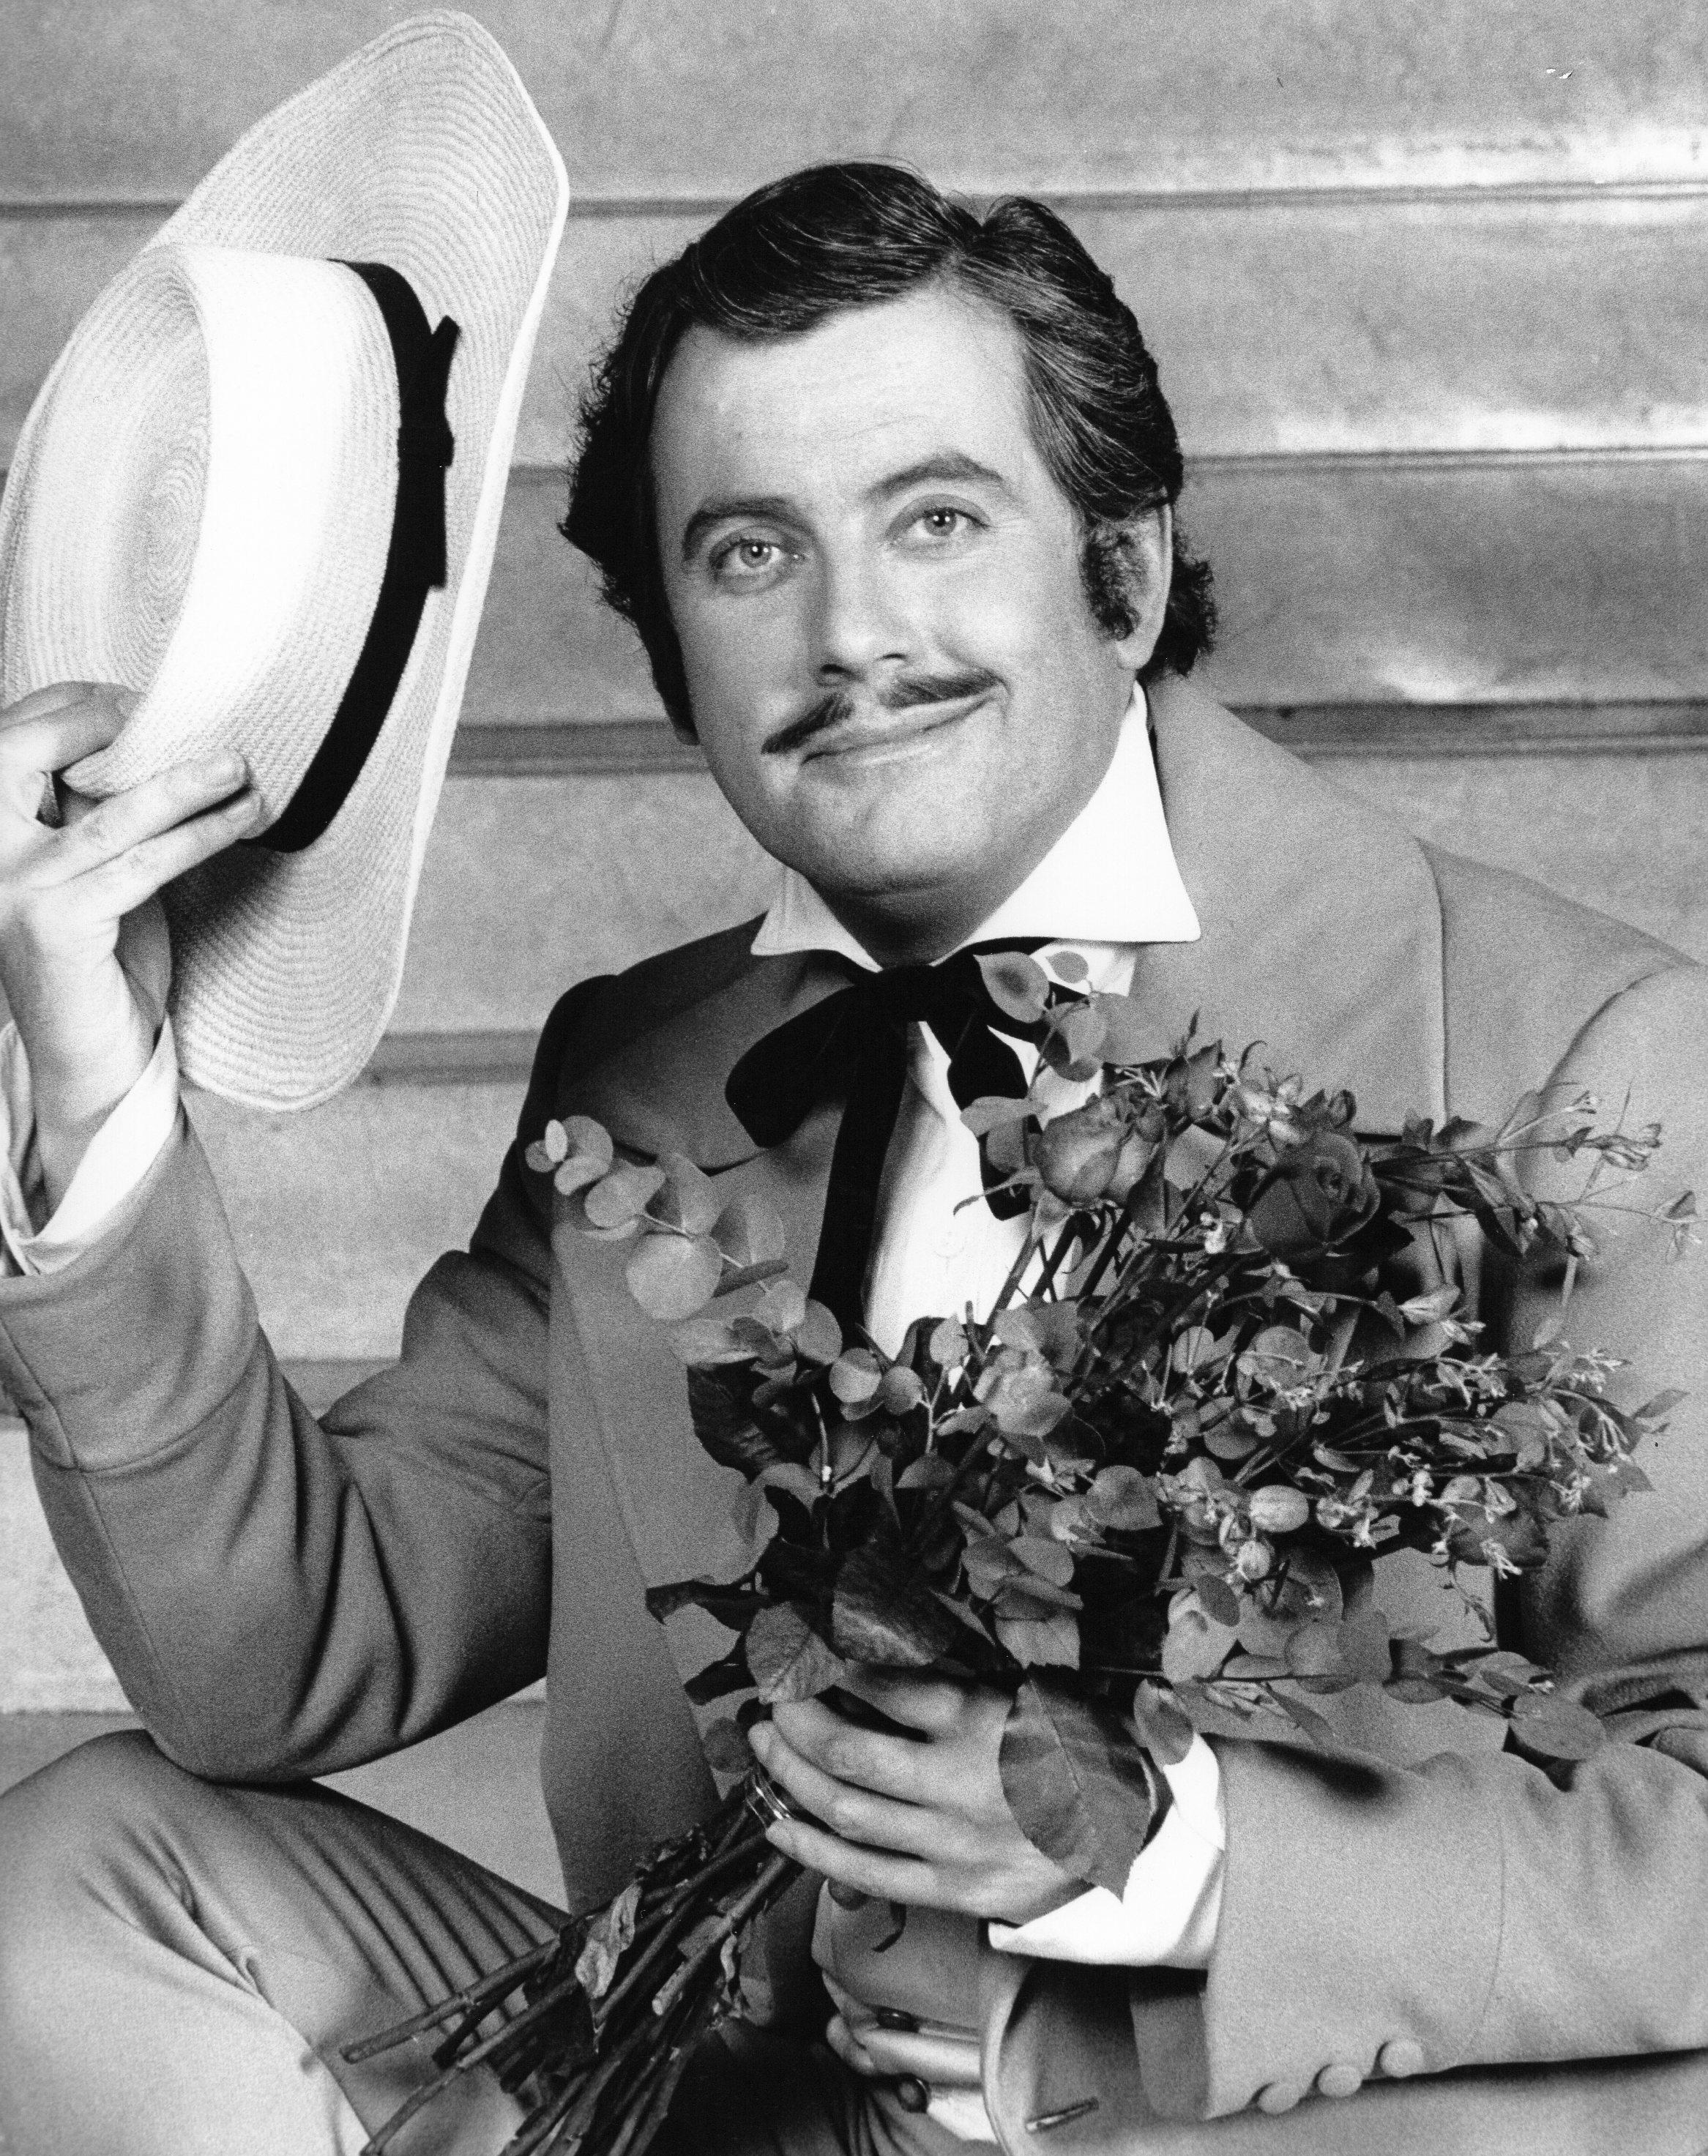 Gyles Brandreth as Rhett Butler, TV-am, 1987